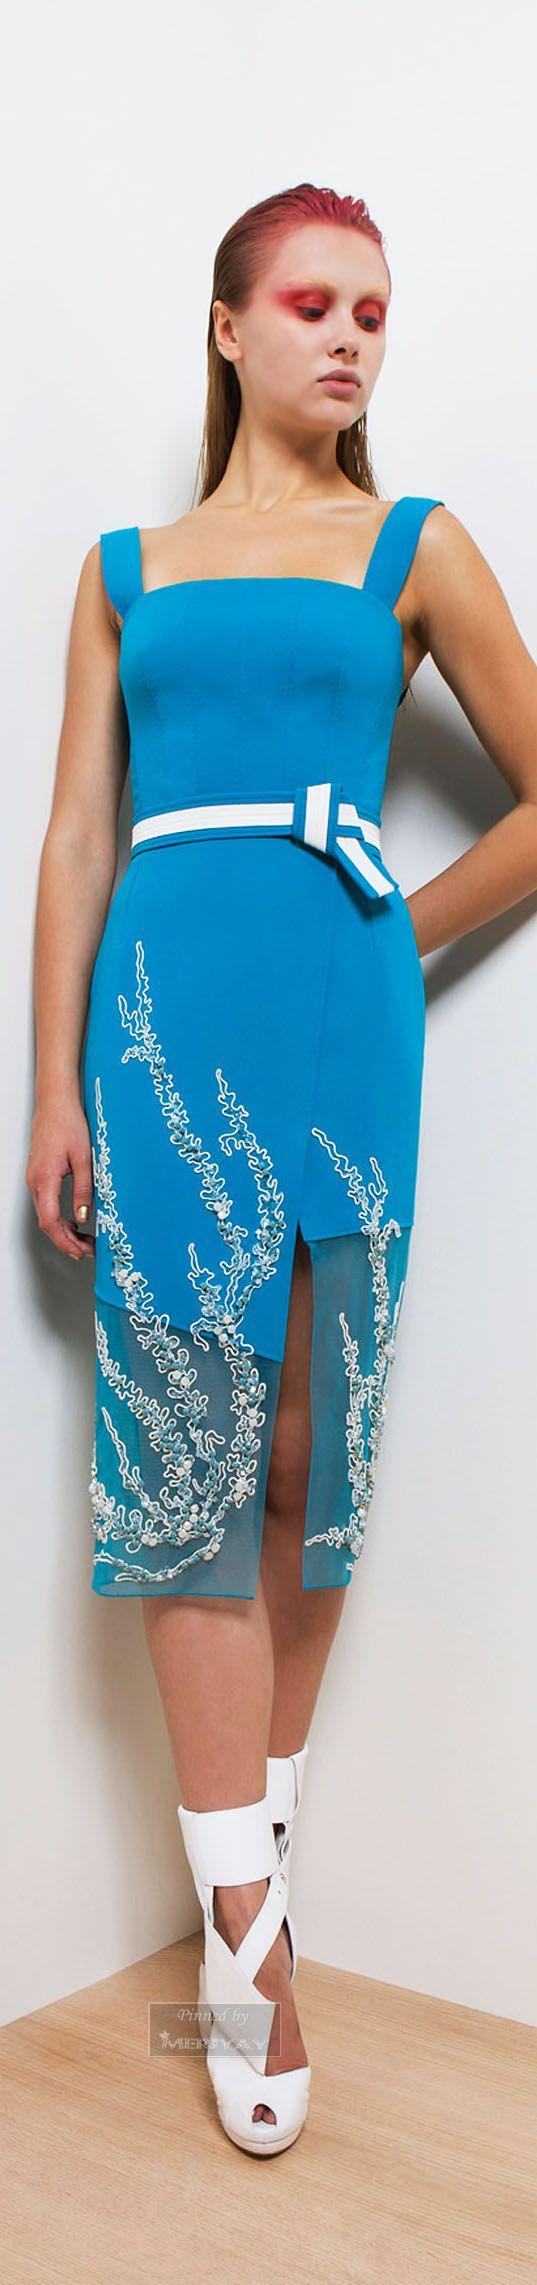 Basil Soda Spring-summer 2015. (elbise tasarımını çok beğendim, ayakkabıları beğenmedim, makyaj ise tam bir felaket!)